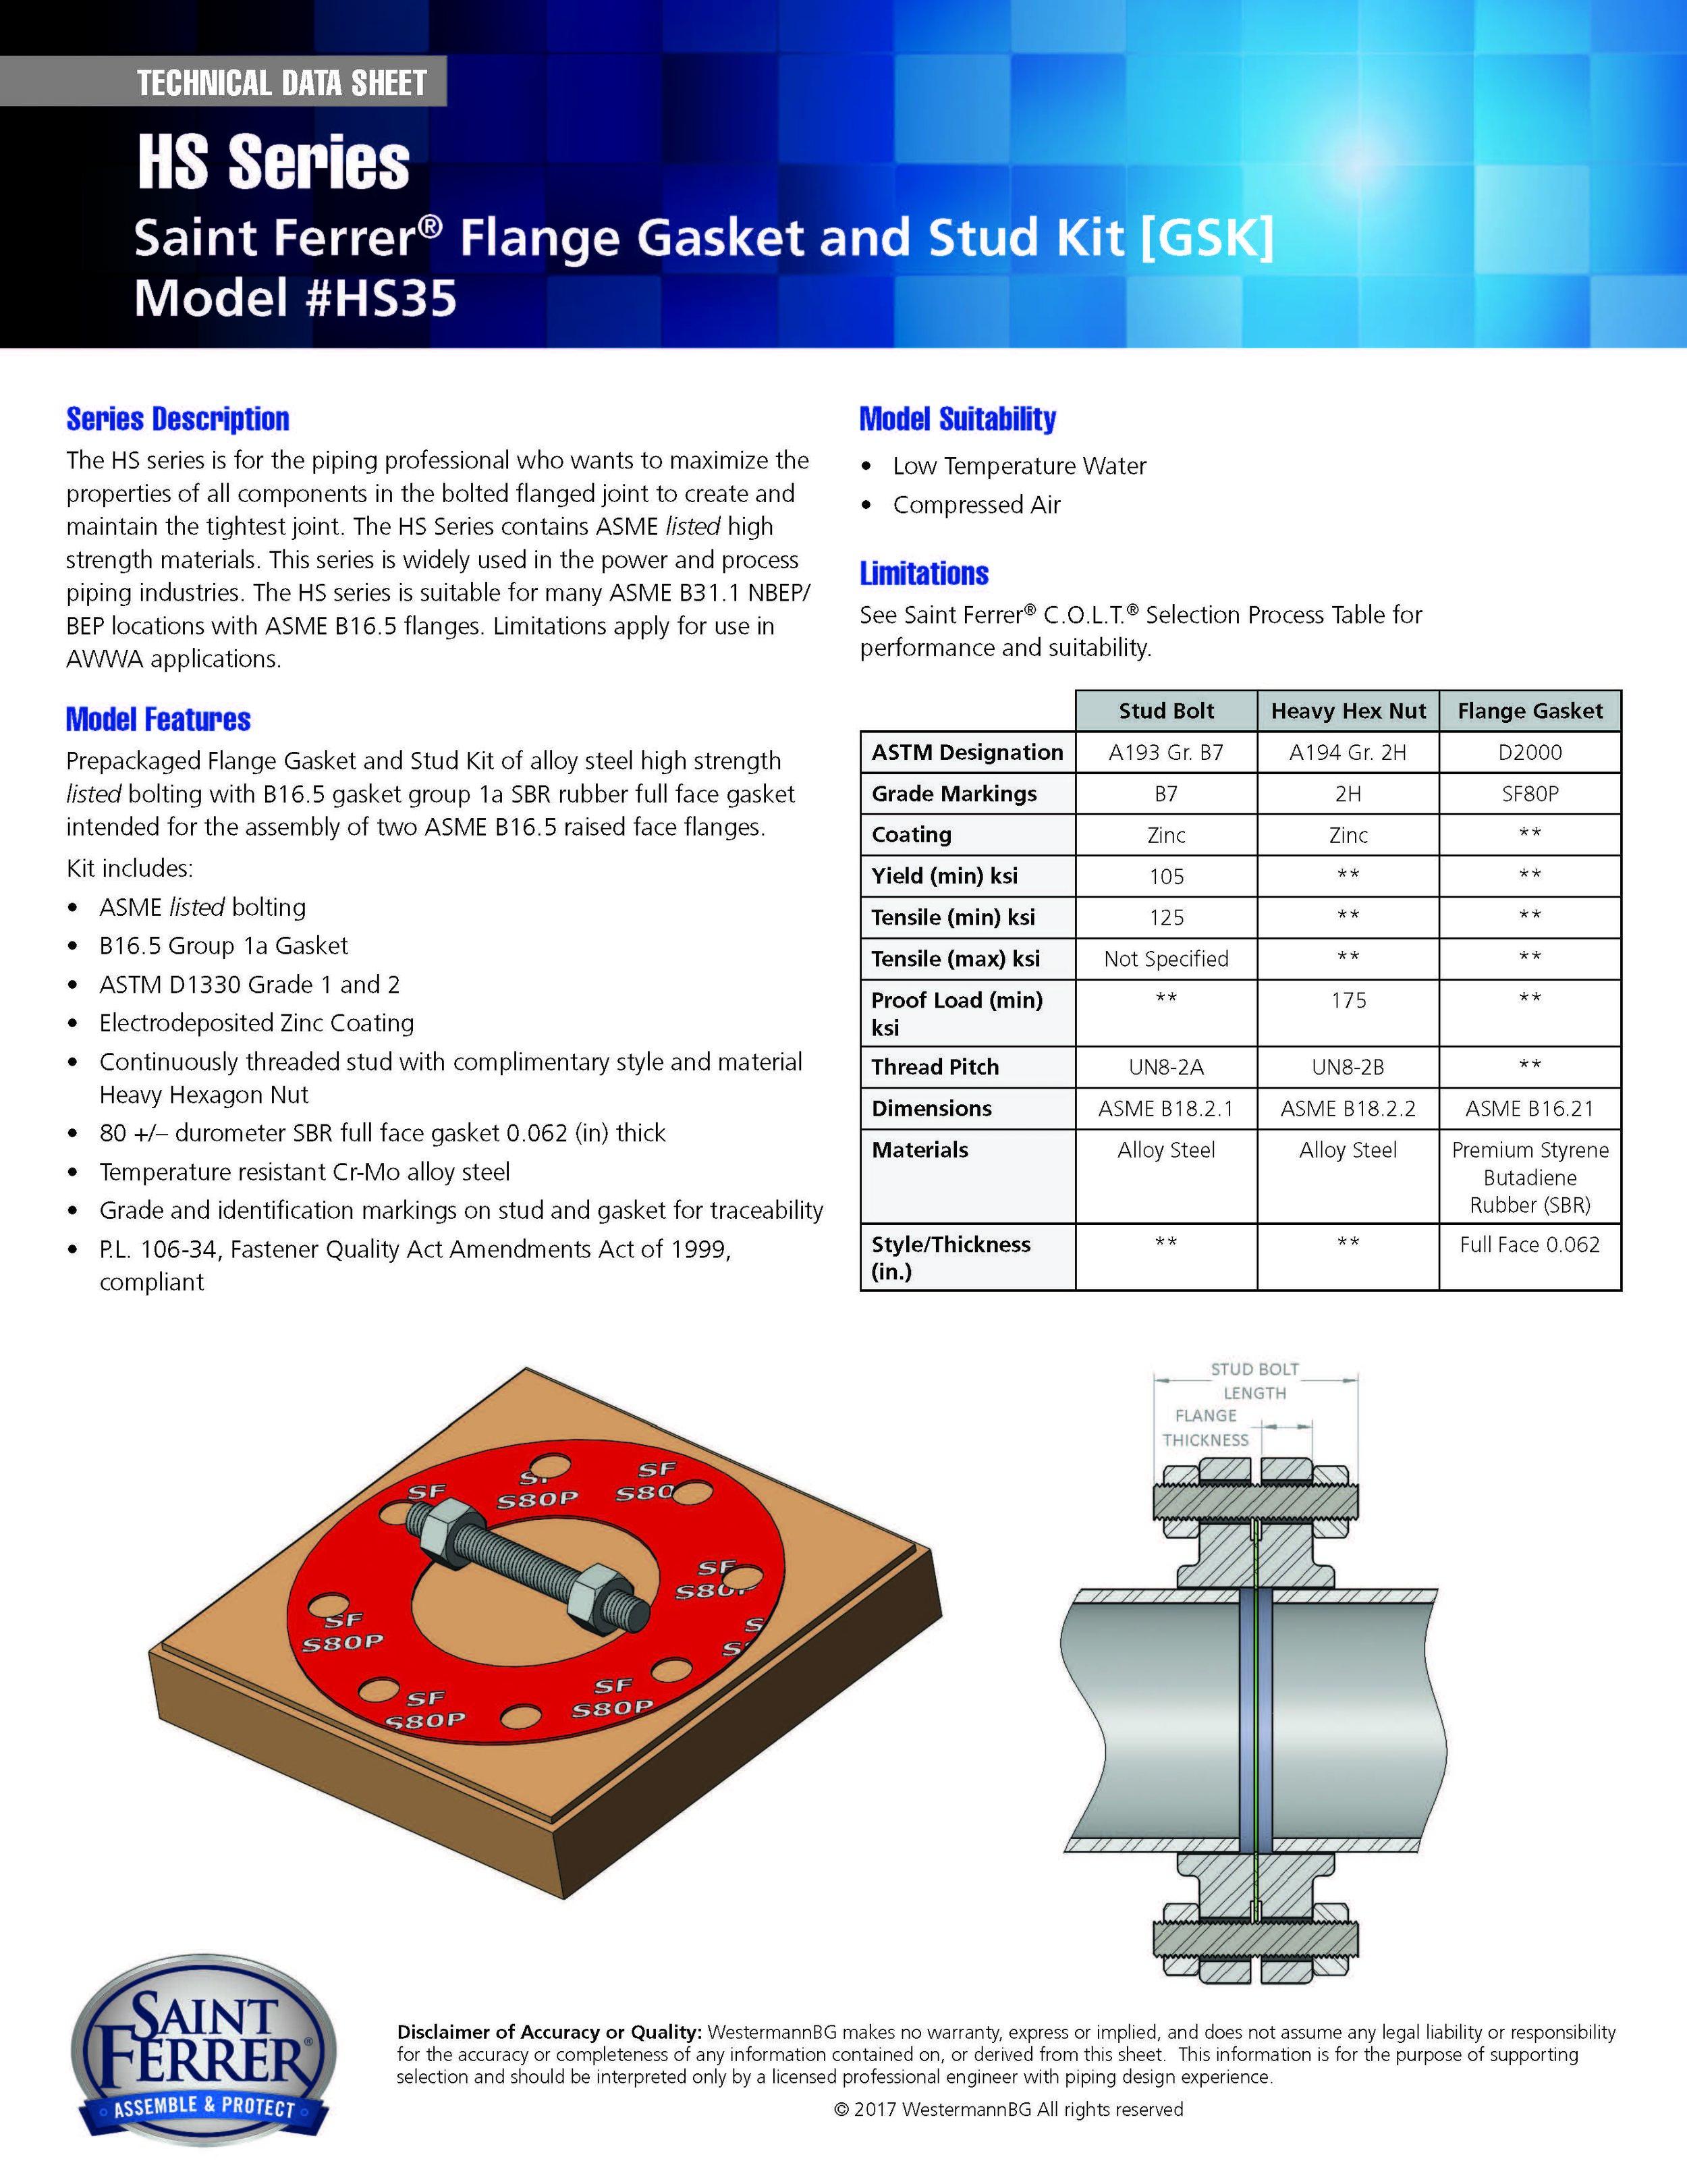 SF_Data_Sheet_HS_Series_HS35.jpg